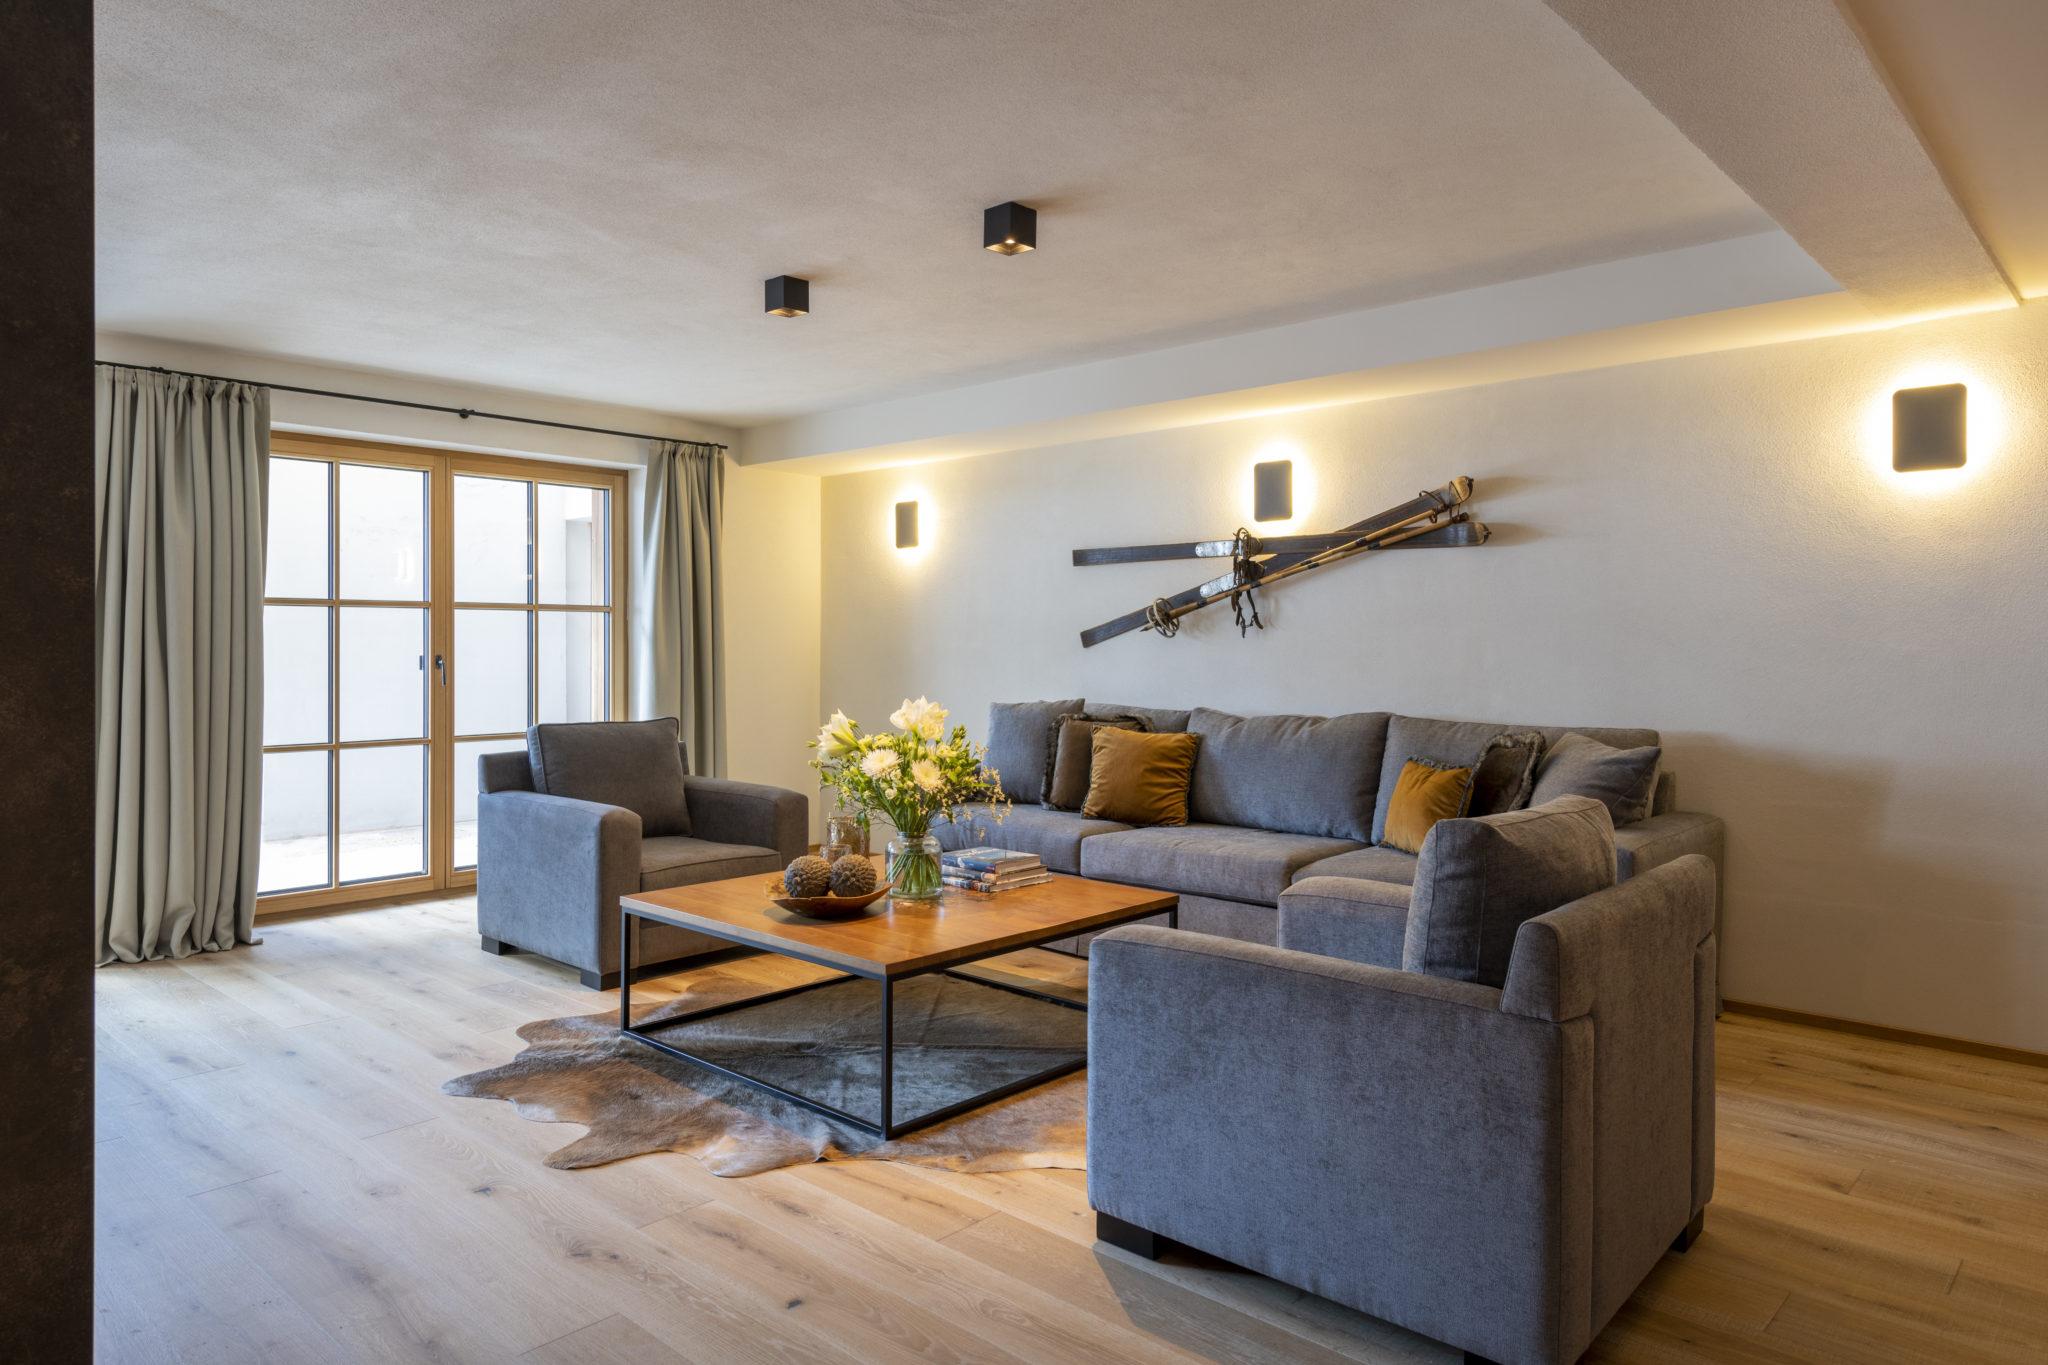 brunnenhof-3-11337-scaled